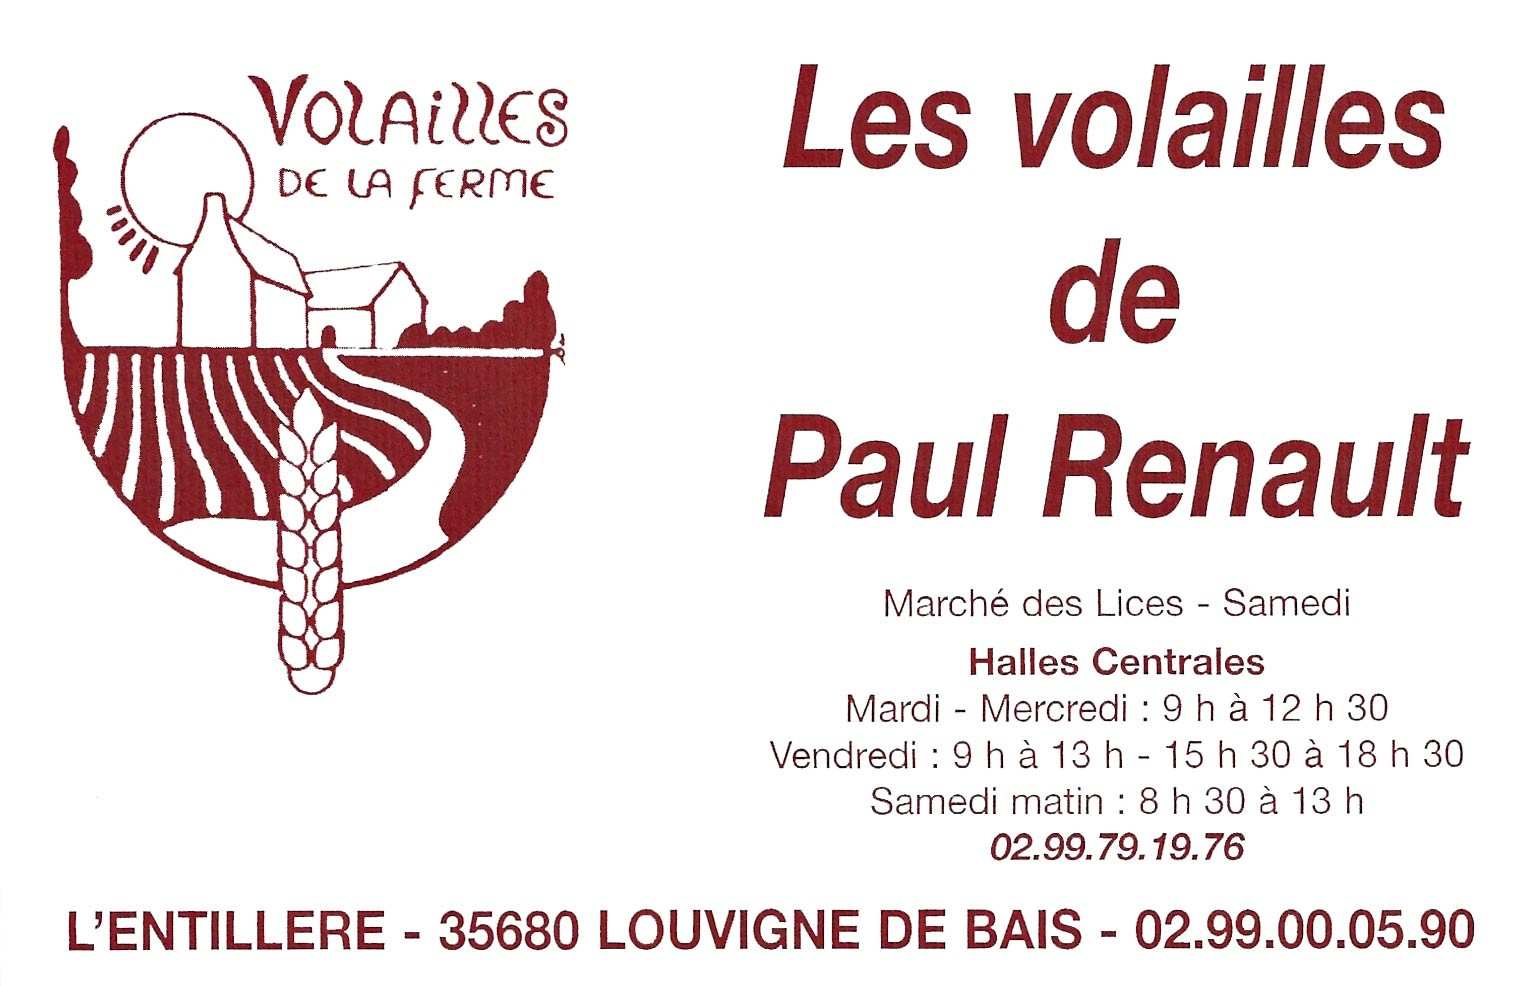 Plaquette pub Paul Renaud